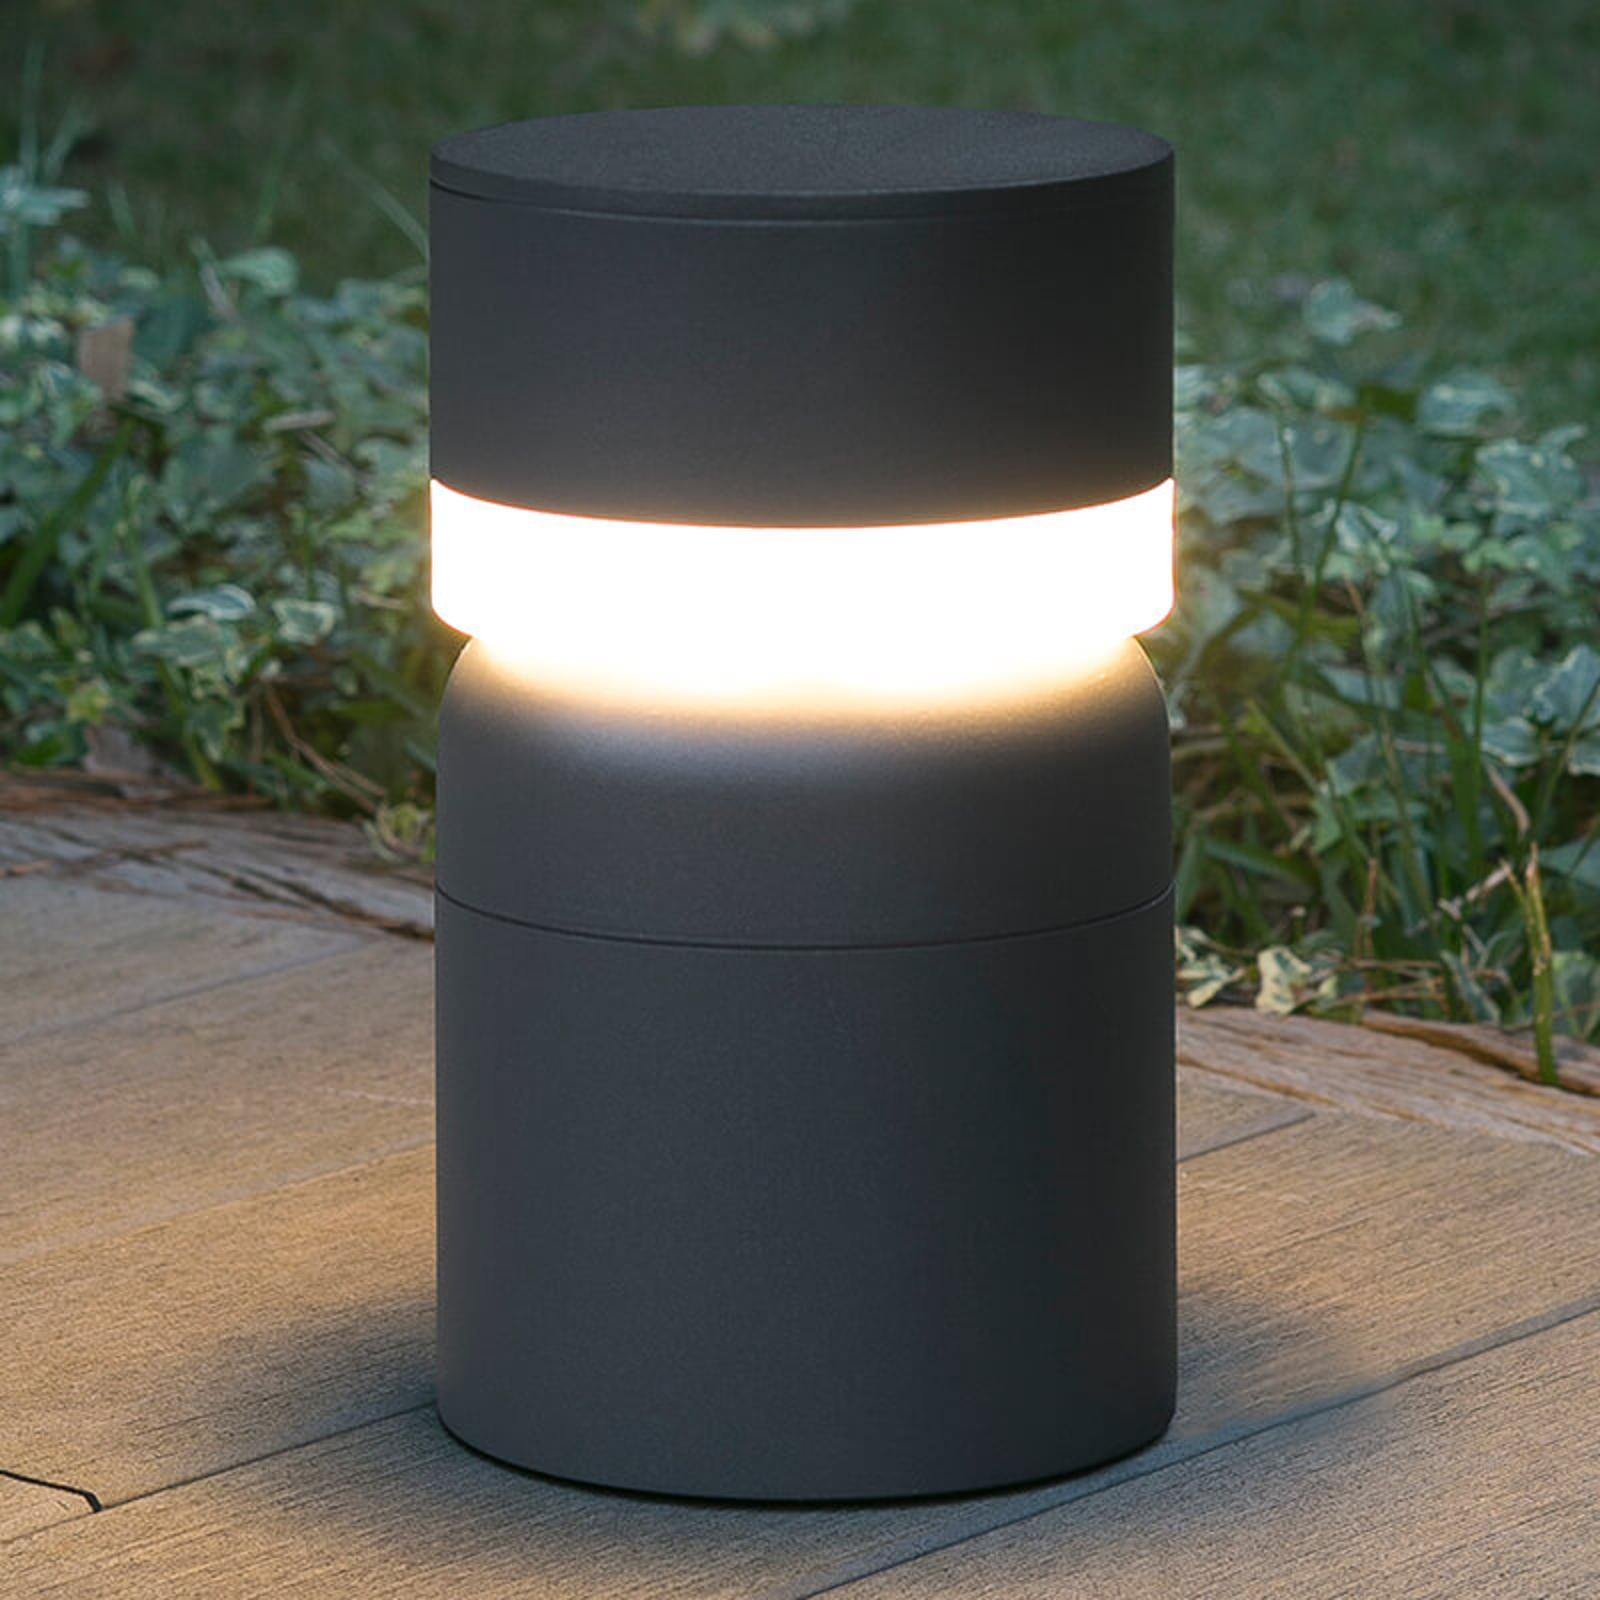 Słupek oświetleniowy Sete, ciemnoszary